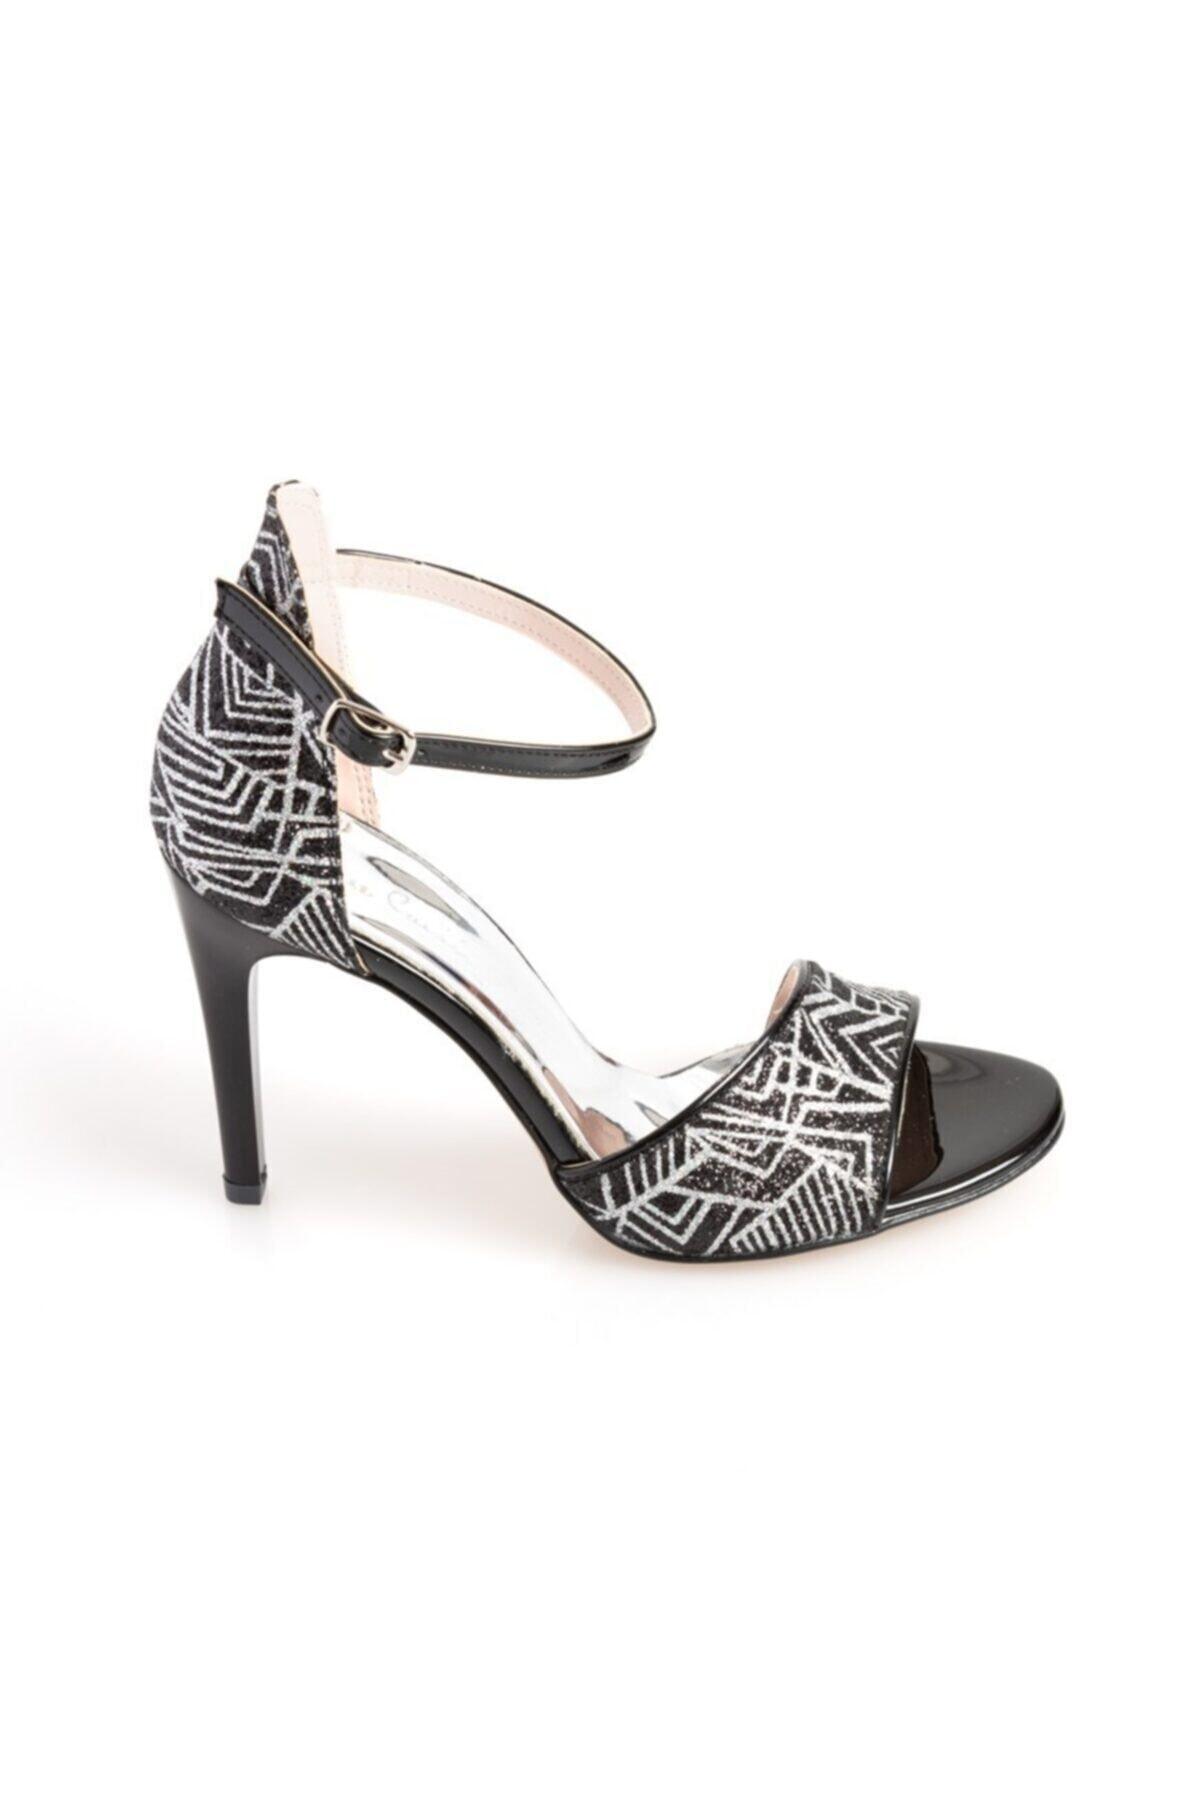 Pierre Cardin Kadın Siyah Topuklu Ayakkabı 54031 1